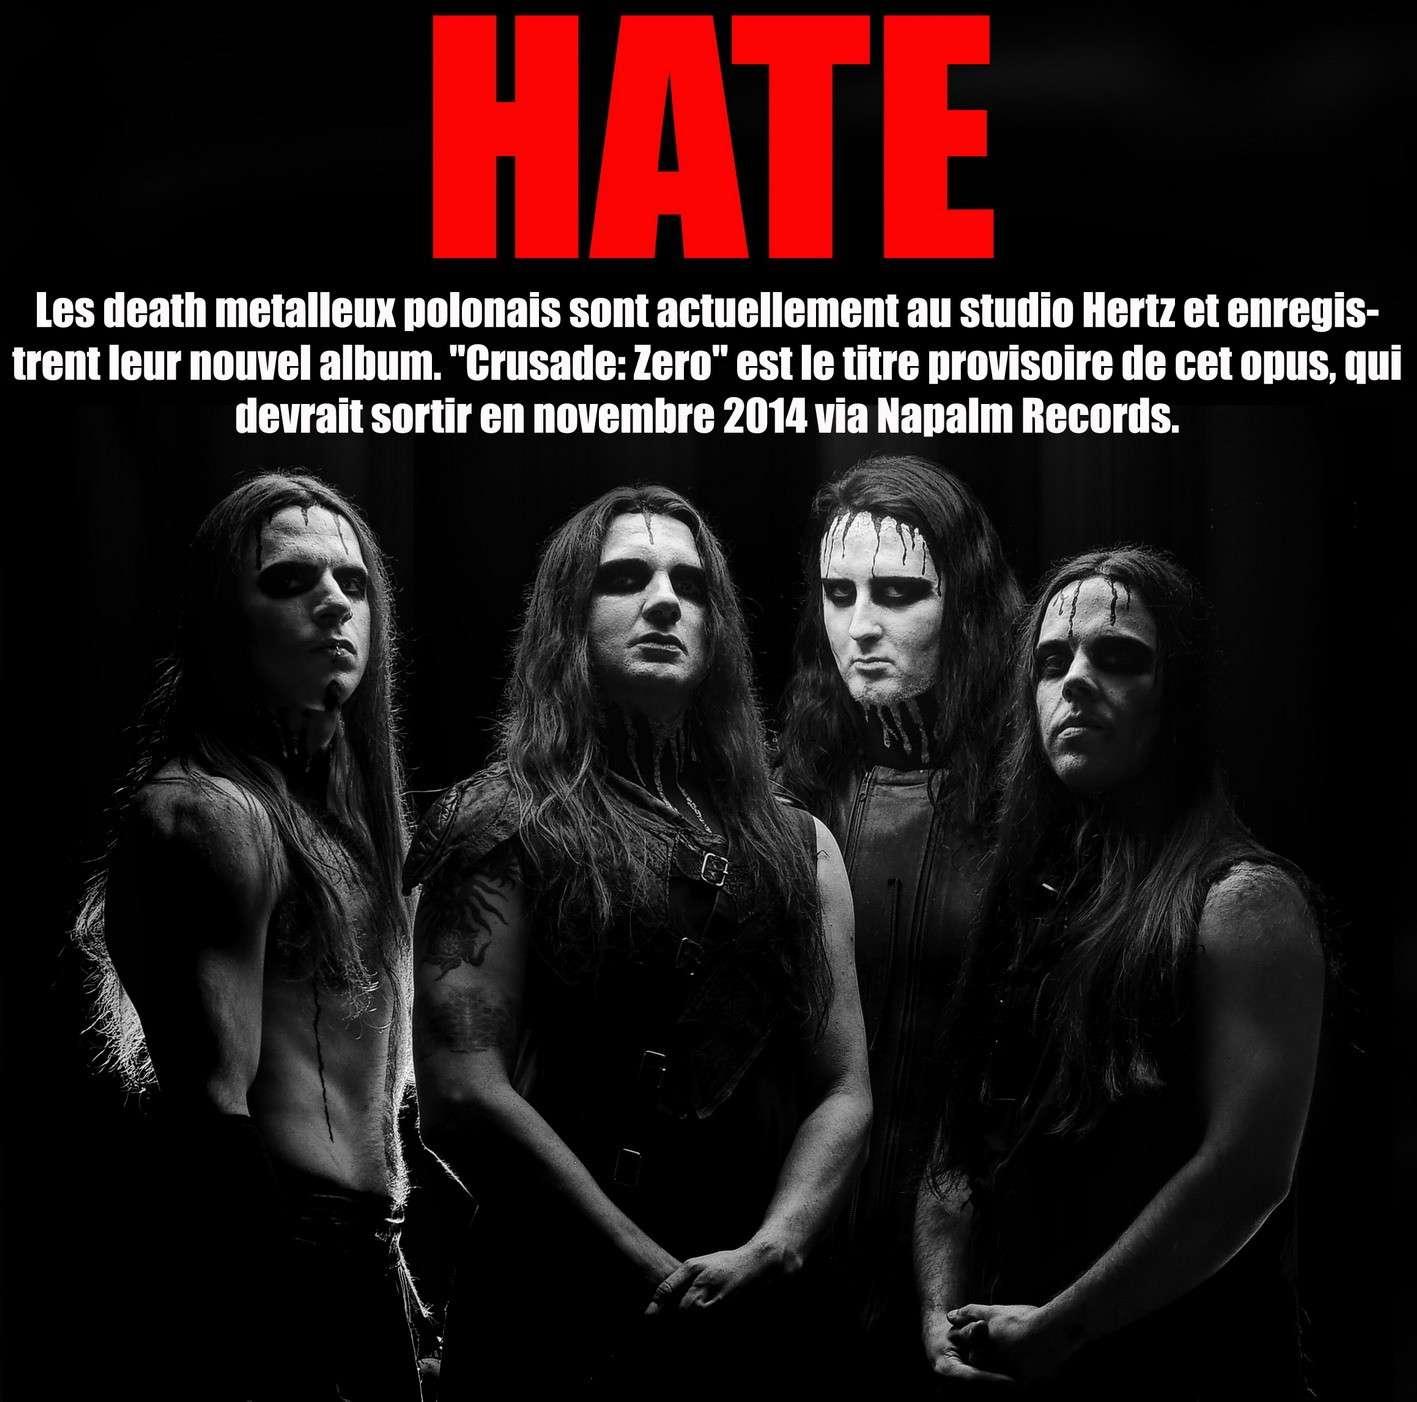 Les NEWS du METAL en VRAC ... - Page 5 Hate10